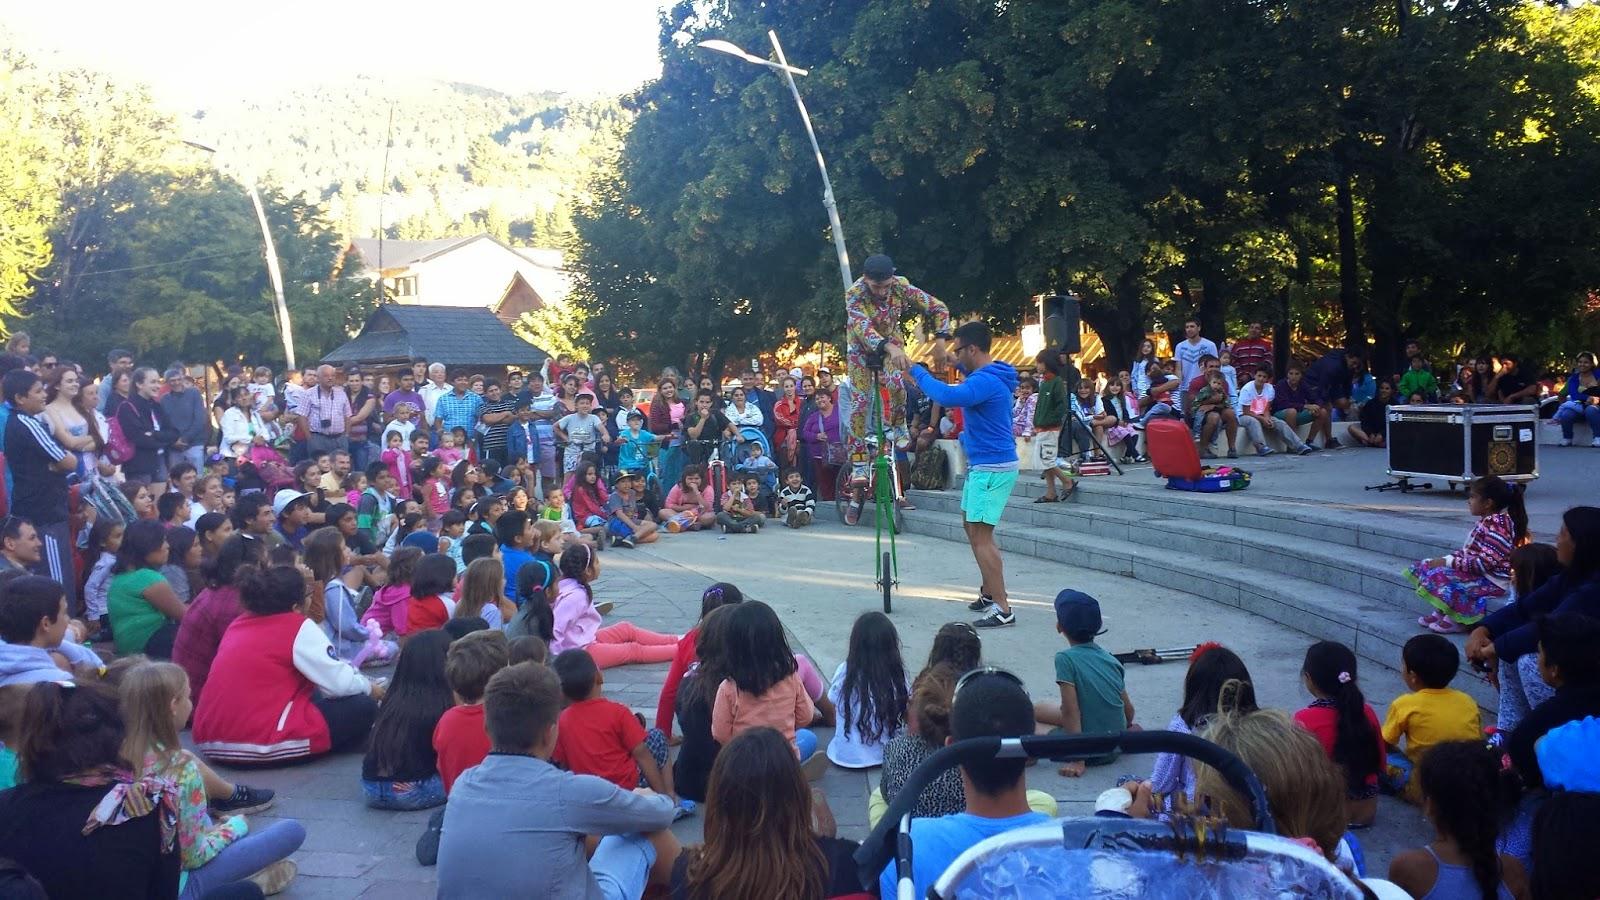 Mágico se apresentando em praça cercado de pessoas